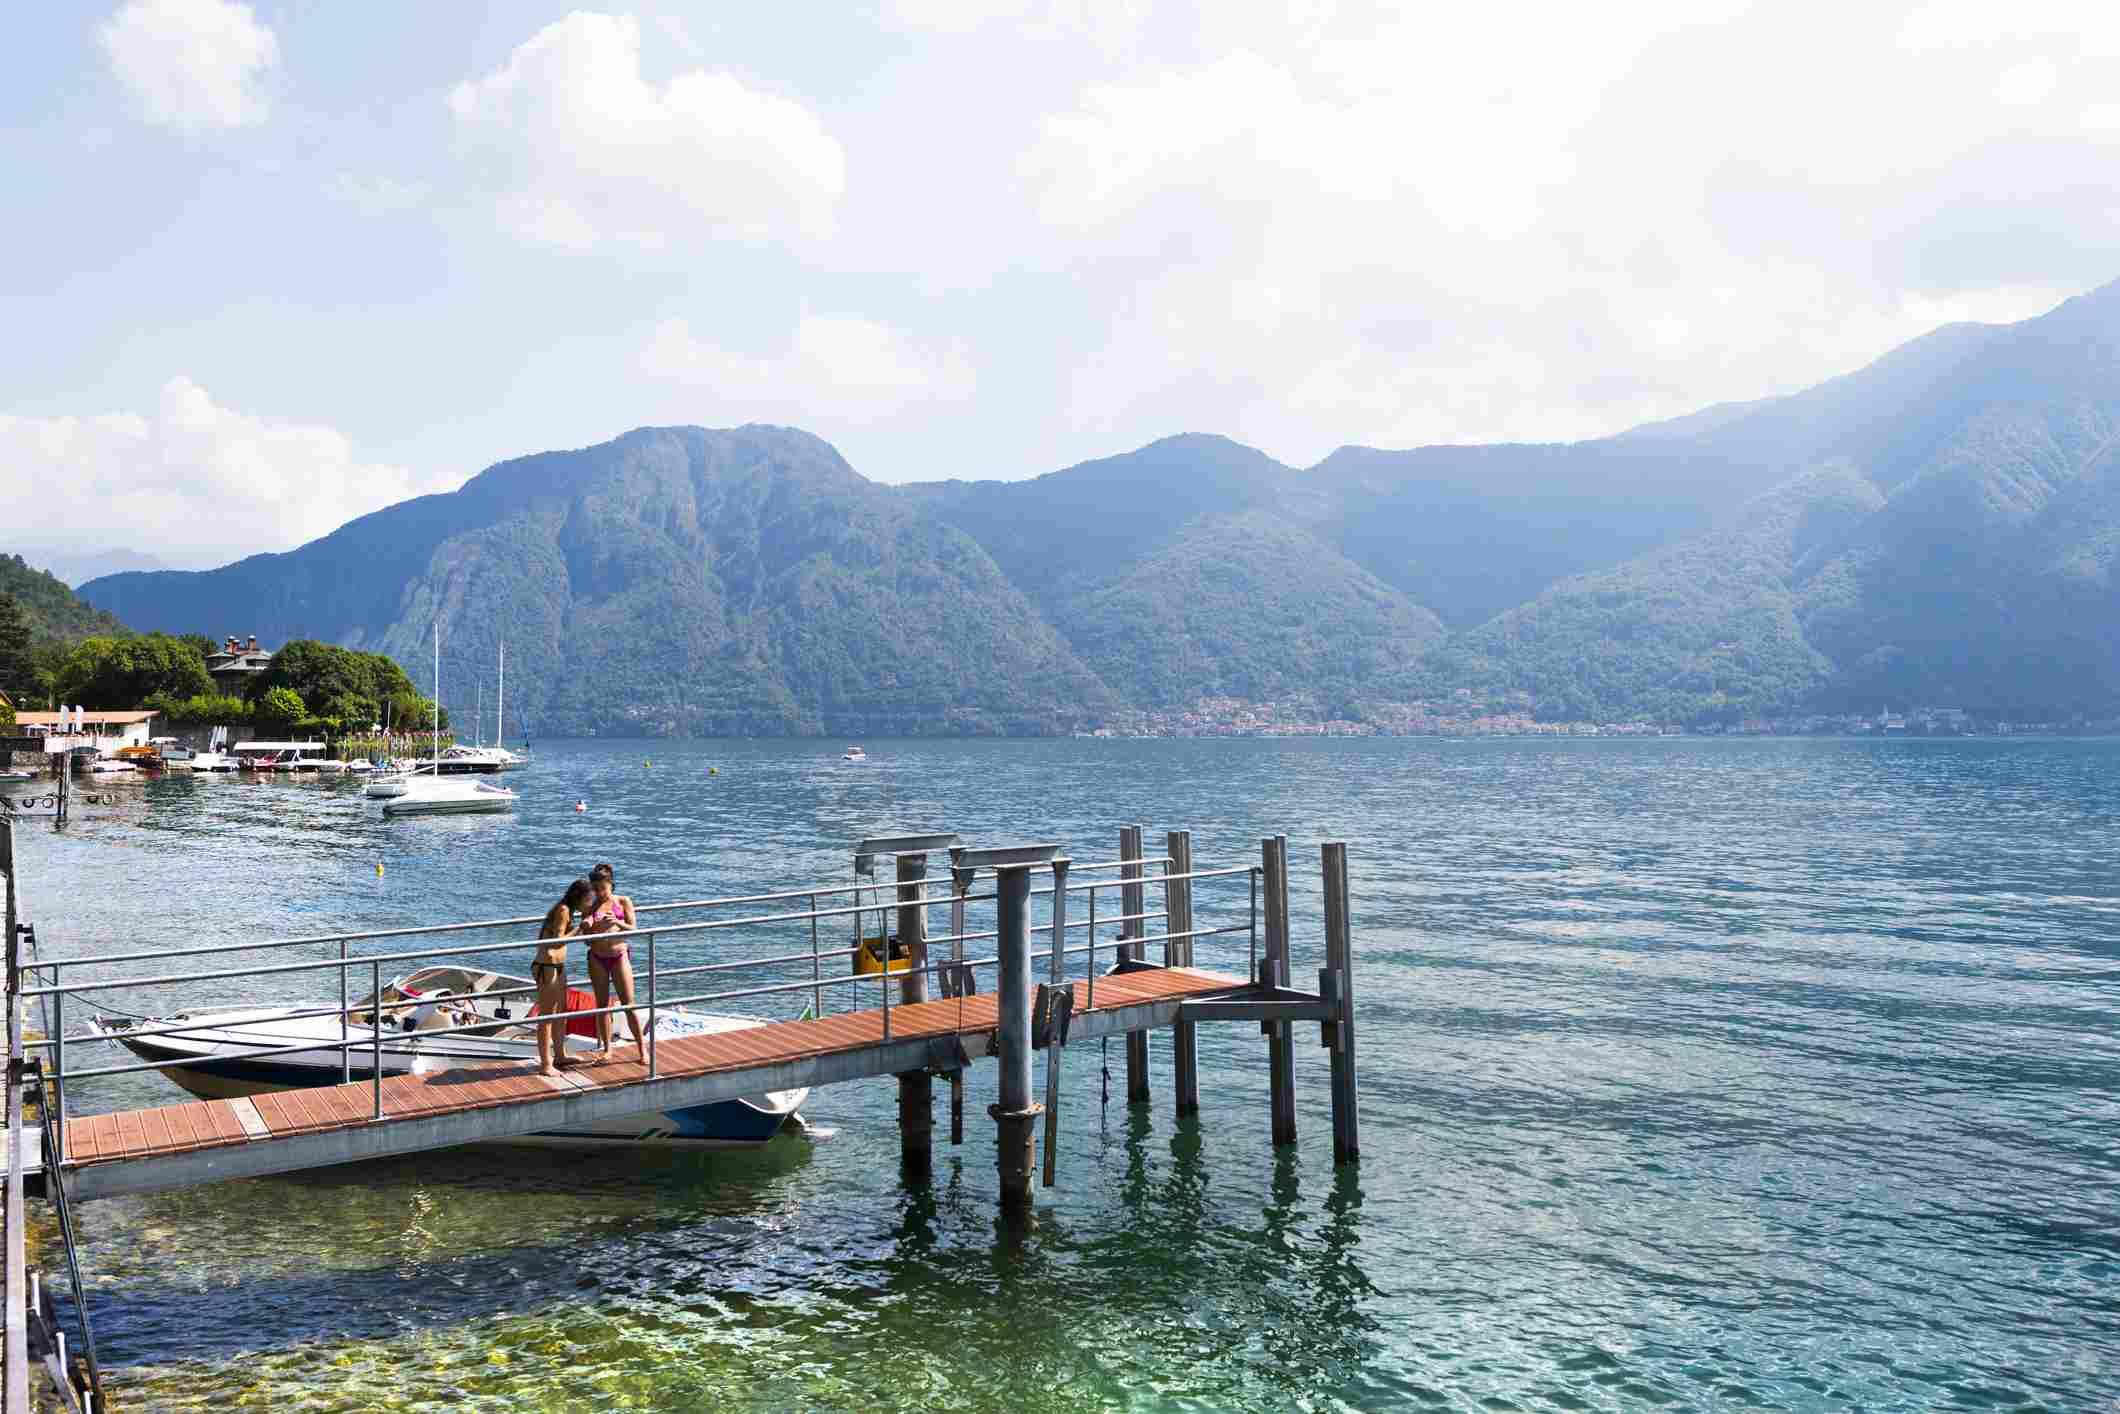 Tourists in Ossuccio, Lago di Como Italy